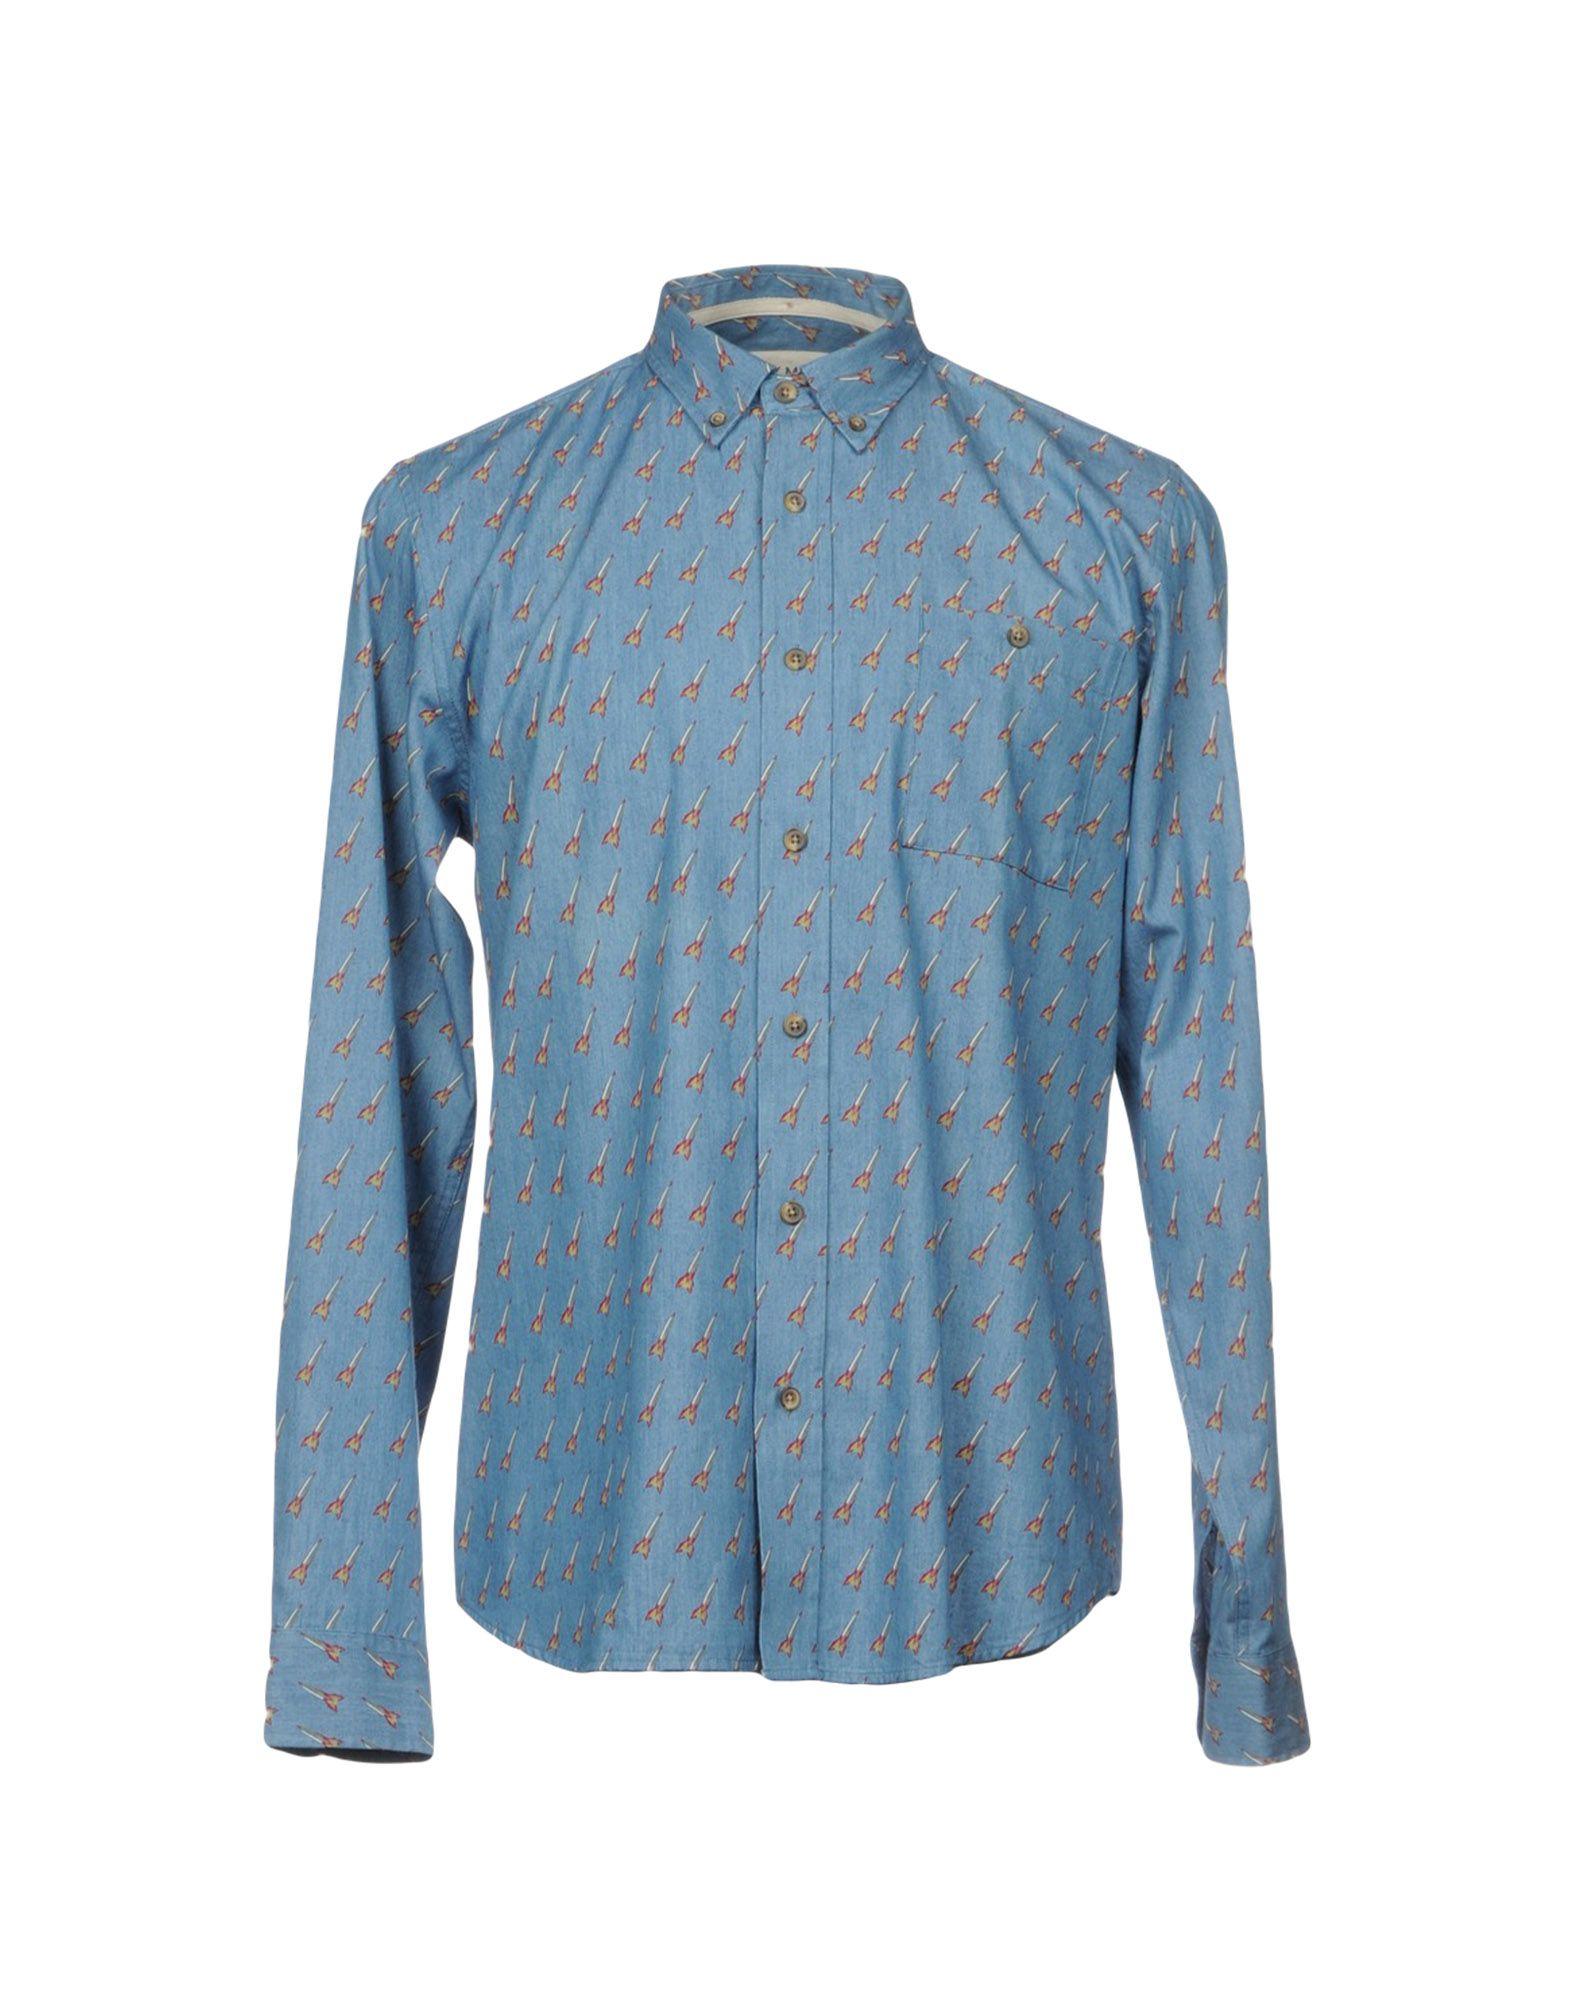 HYMN Herren Jeanshemd Farbe Blau Größe 6